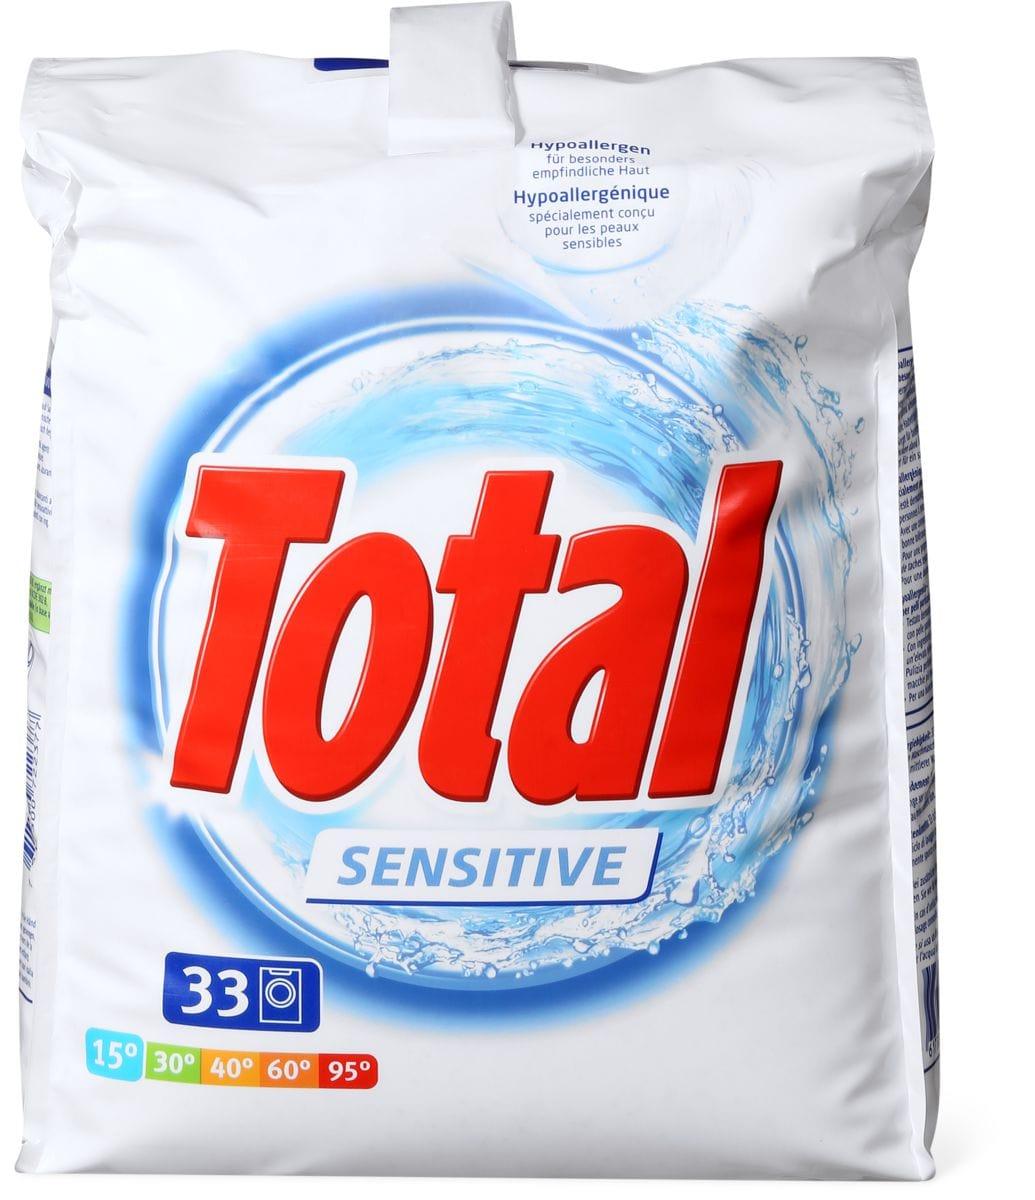 Total Detersivo Sensitive